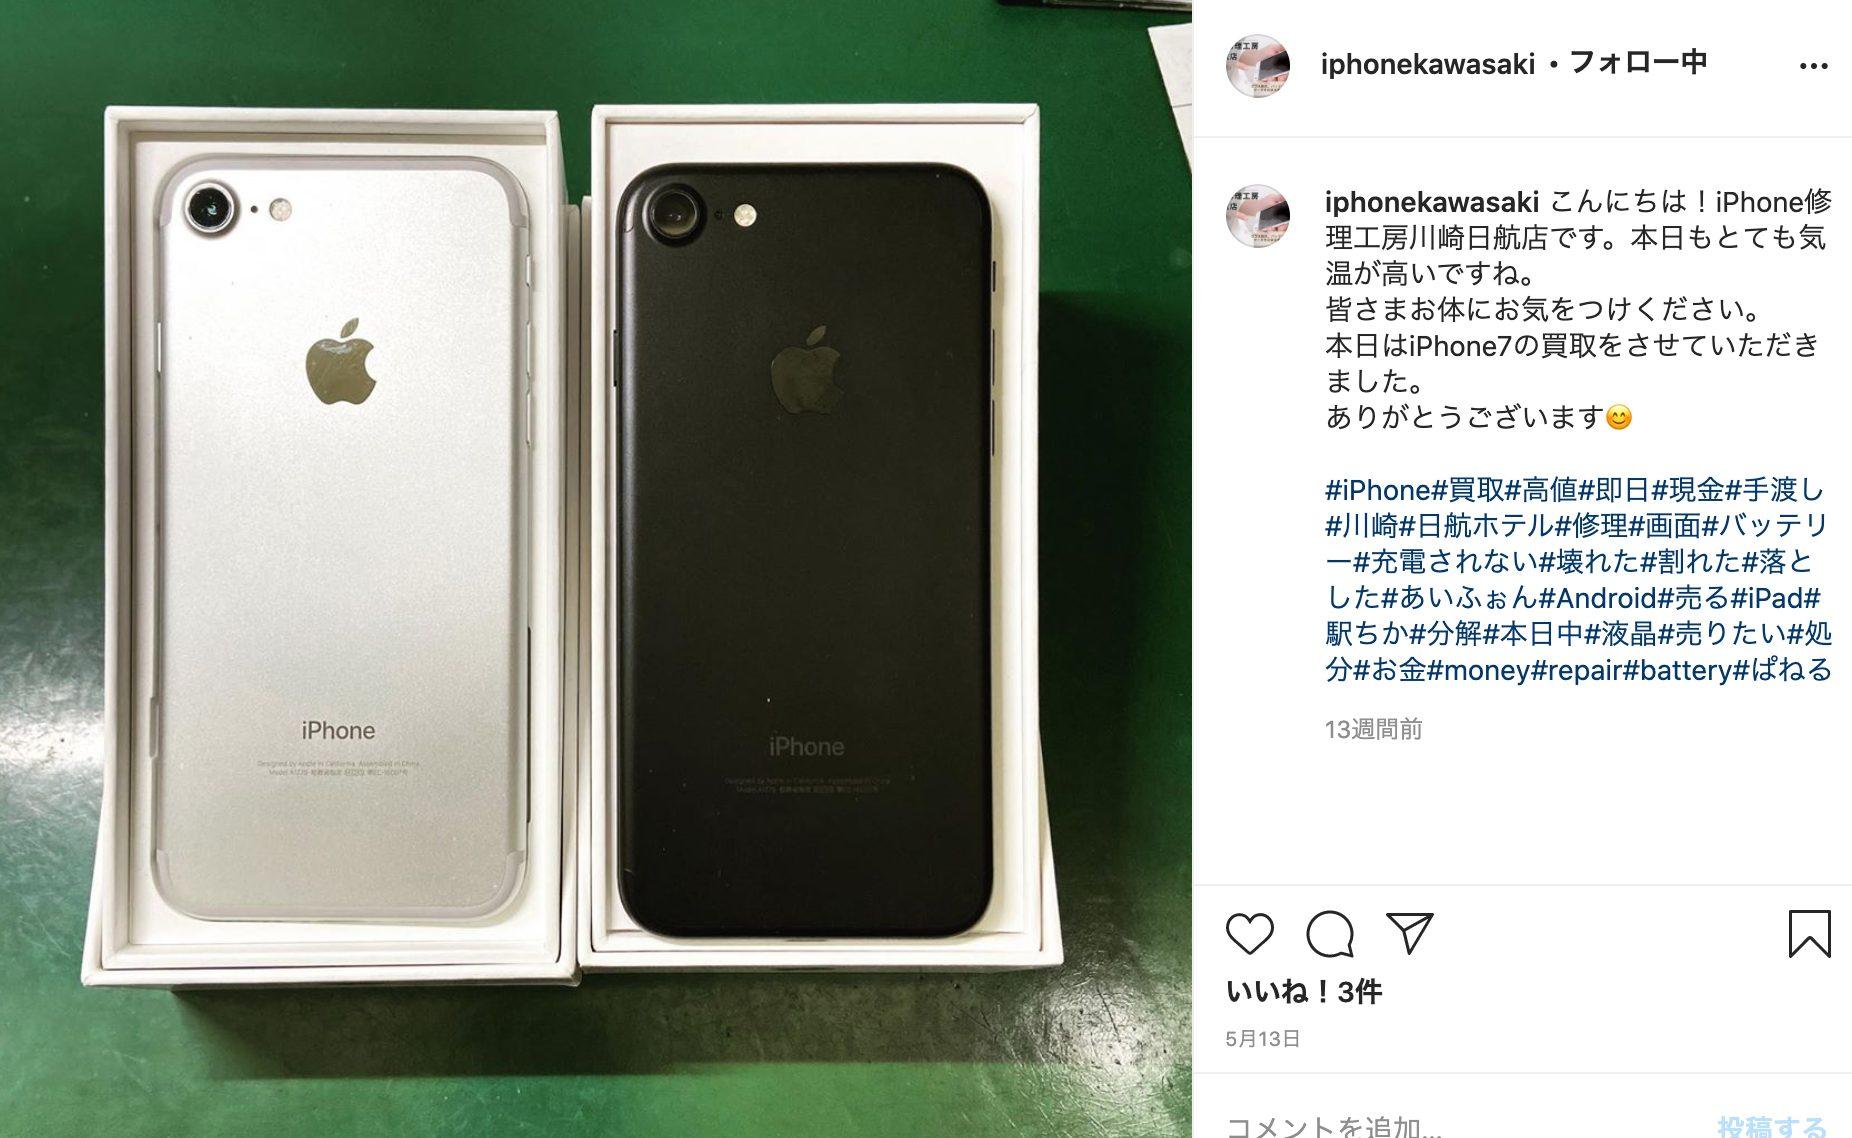 https://www.instagram.com/iphonekawasaki/